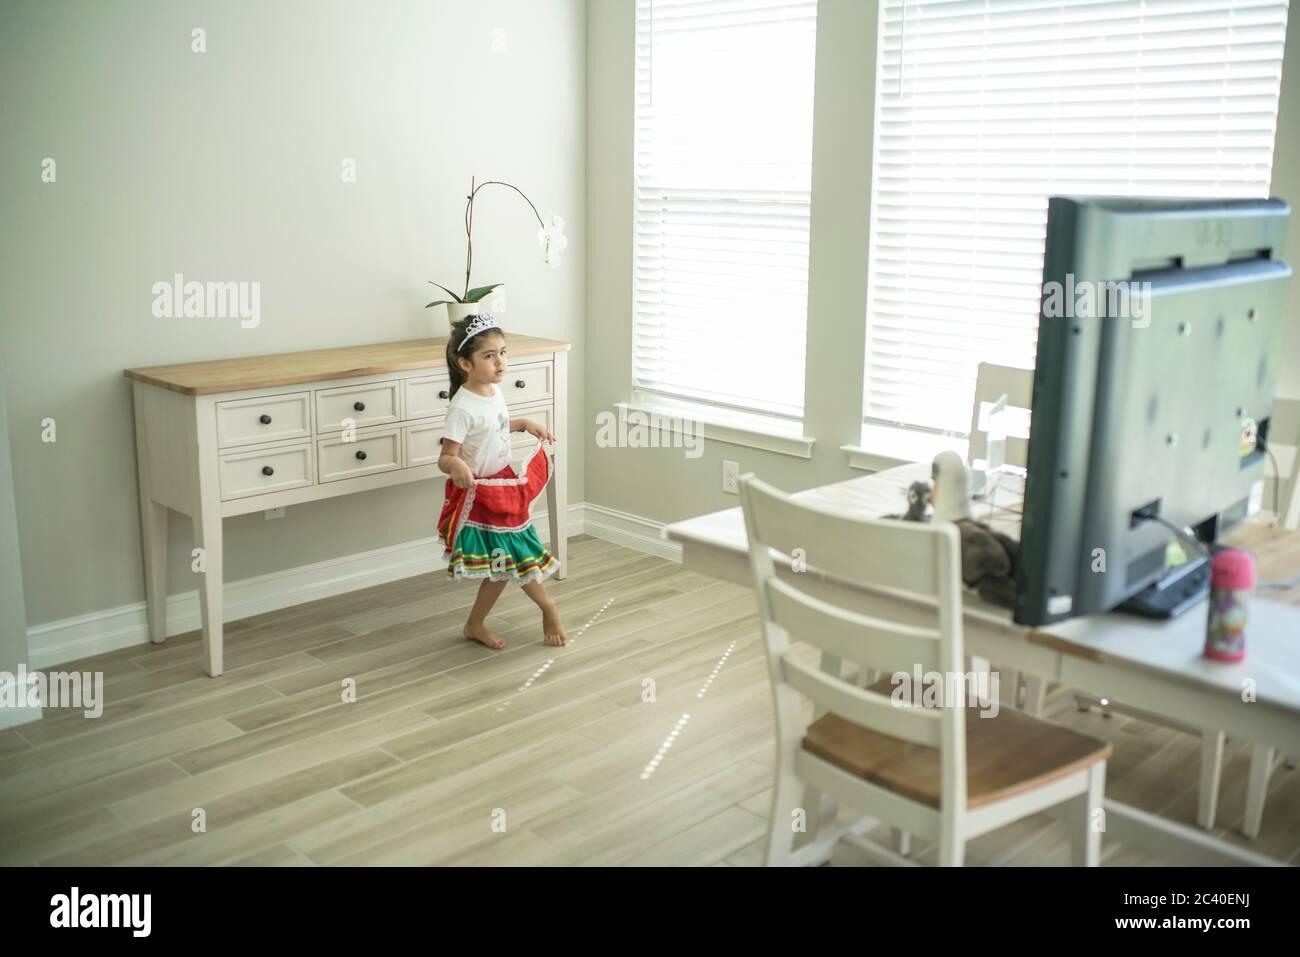 Chica disfruta de una clase de baile en línea con un ordenador portátil conectado a una televisión en casa Foto de stock